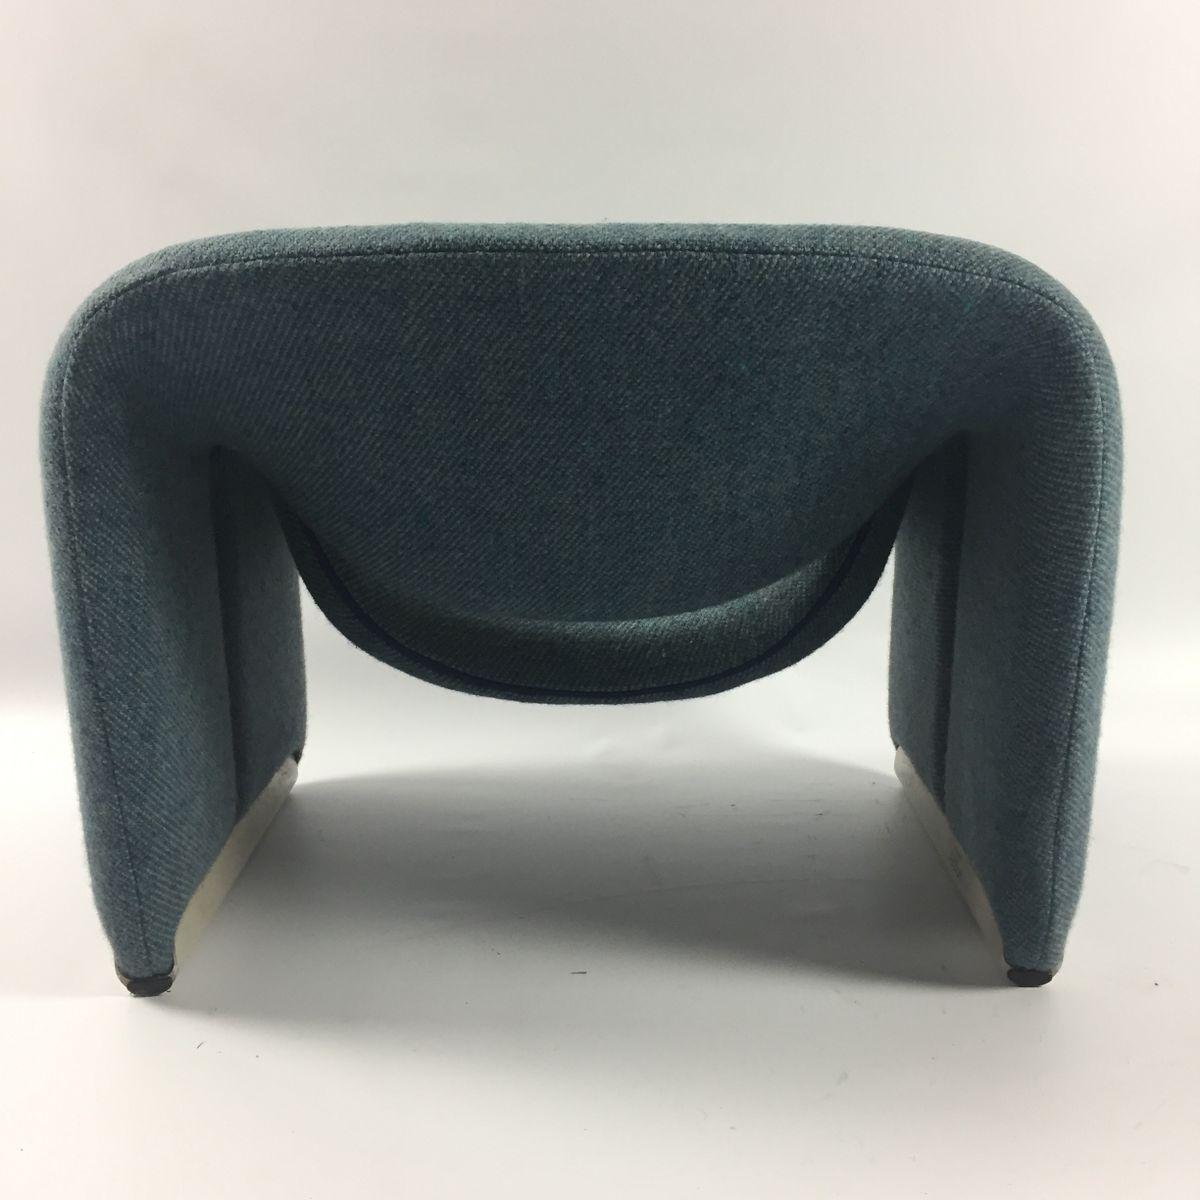 fauteuil groovy f598 m par pierre paulin pour artifort. Black Bedroom Furniture Sets. Home Design Ideas